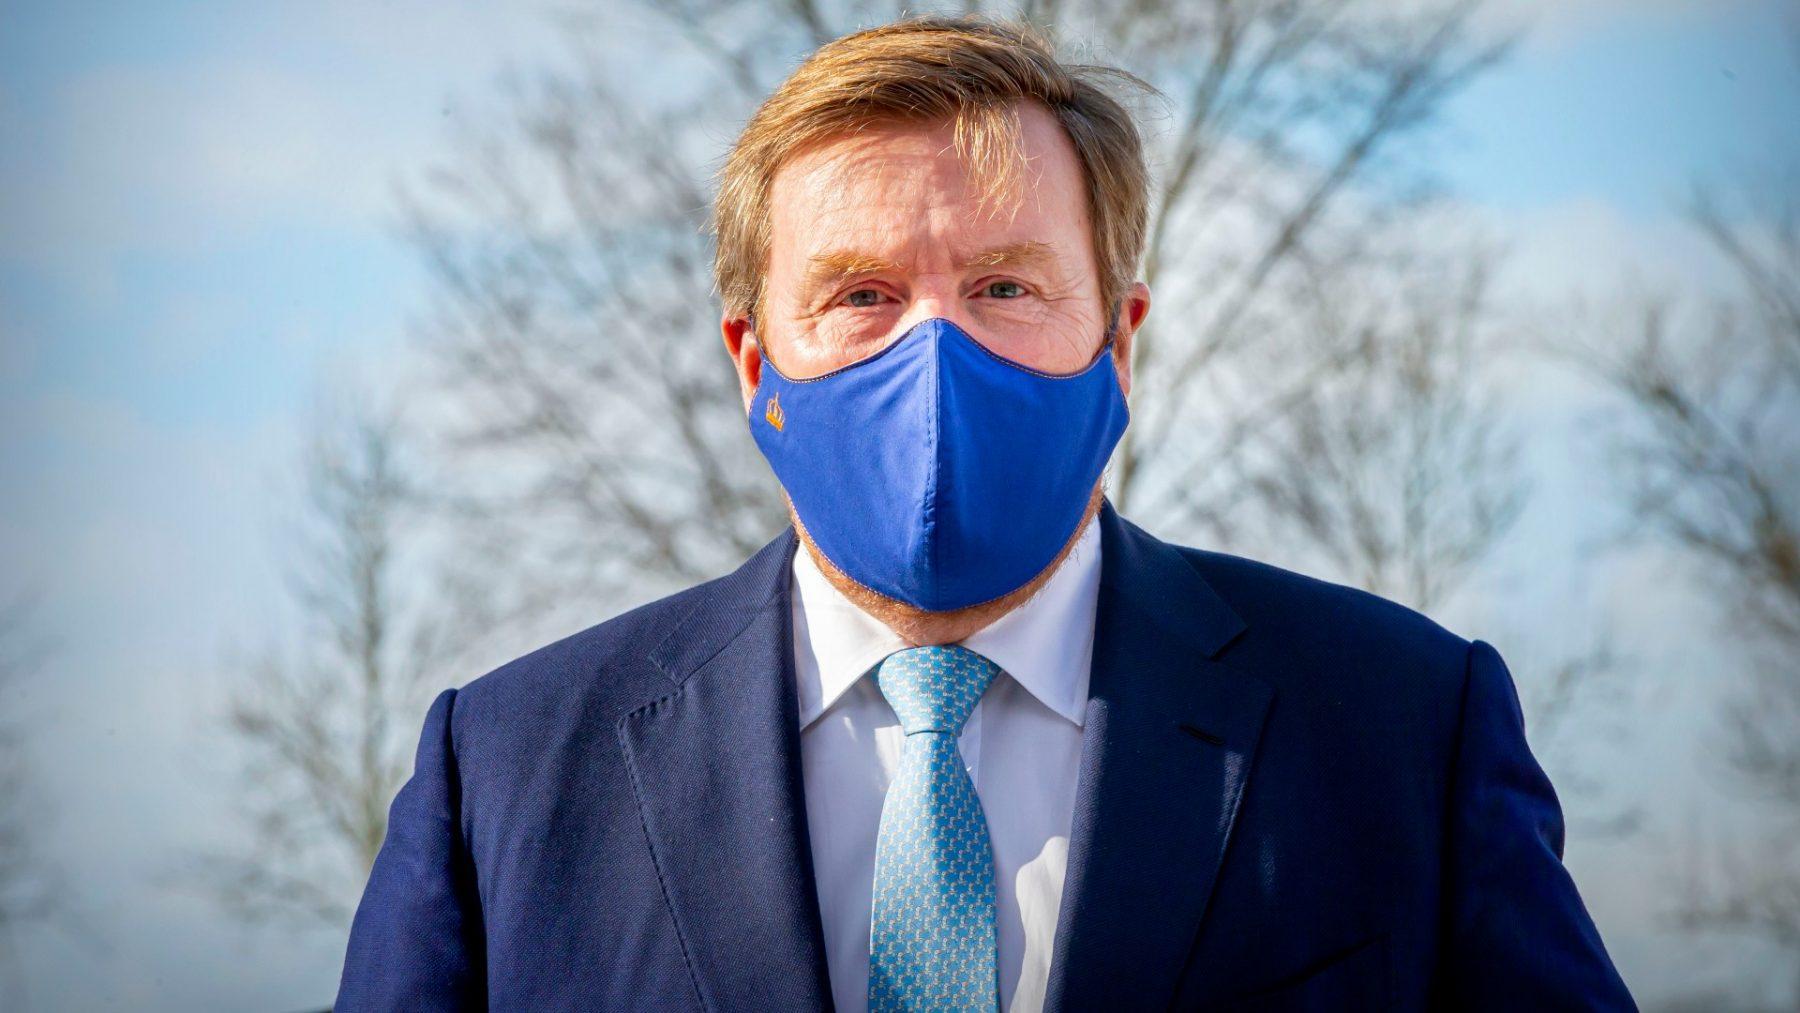 Koning Willem-Alexander verruilt zijn bekende blauwe pak voor een trui: 'Best uniek'